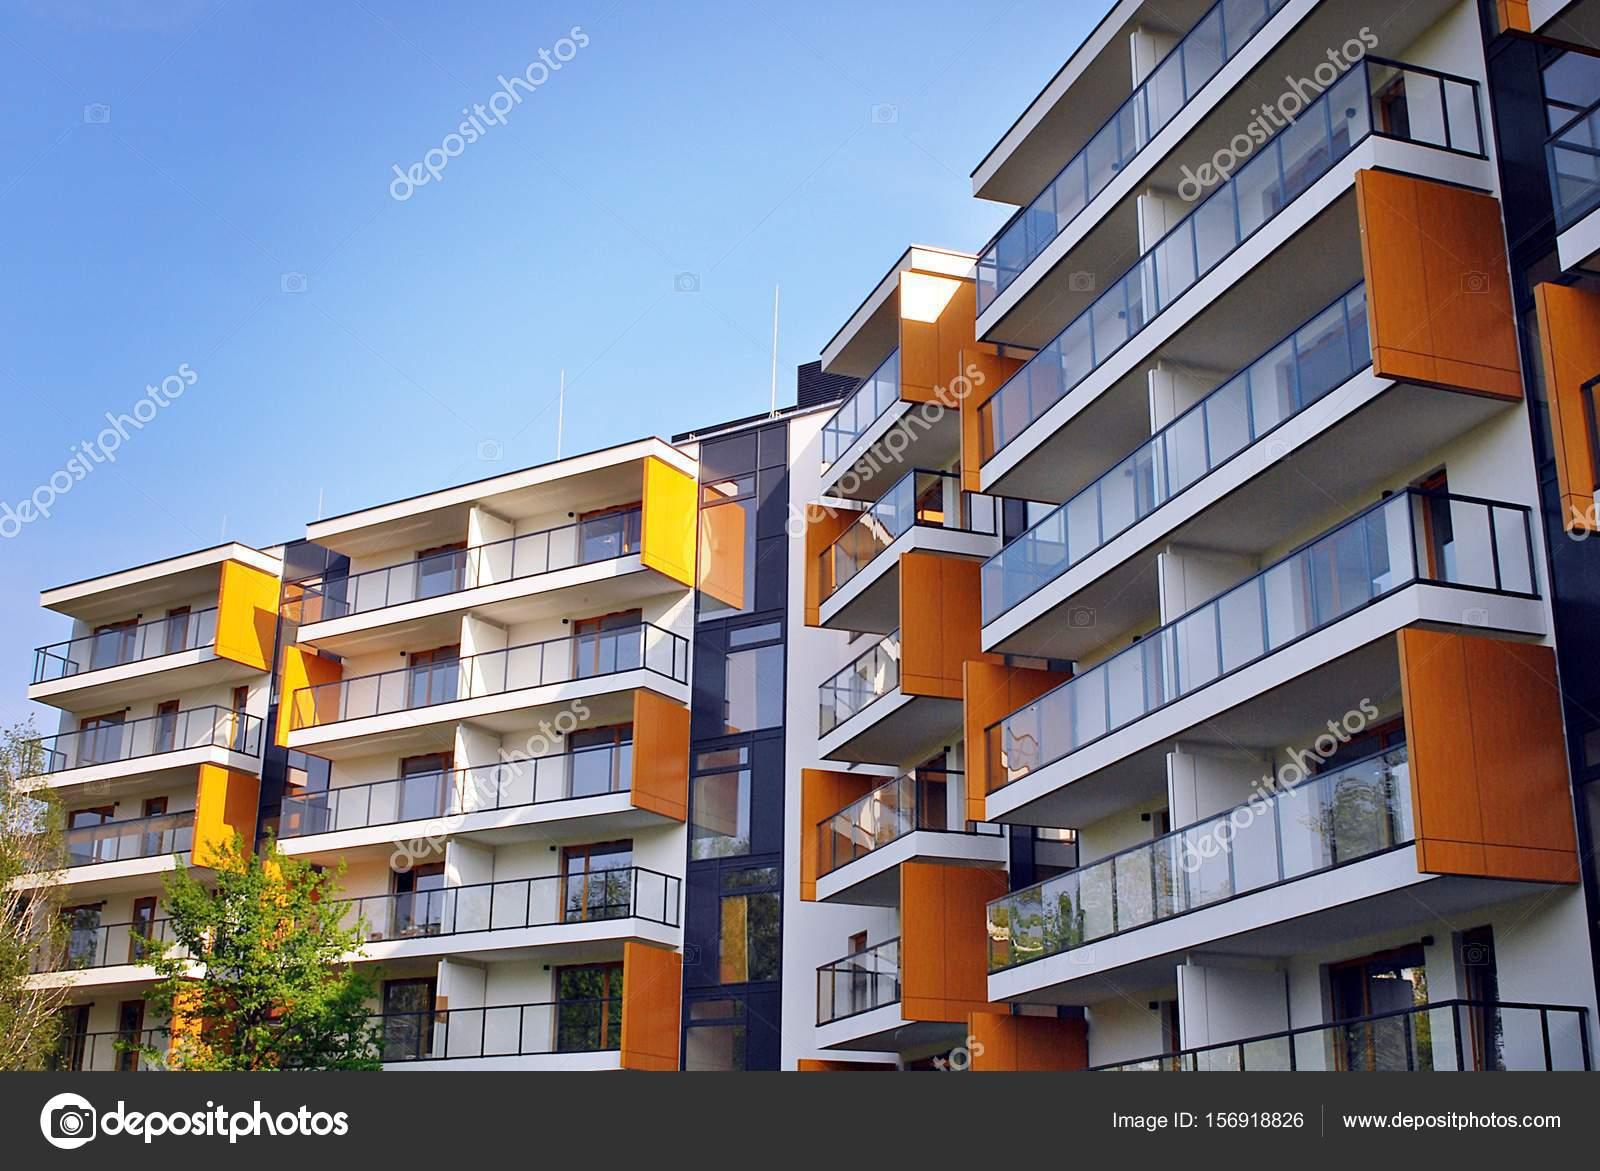 Exteriores de edificios de apartamentos modernos fotos for Departamentos modernos fotos